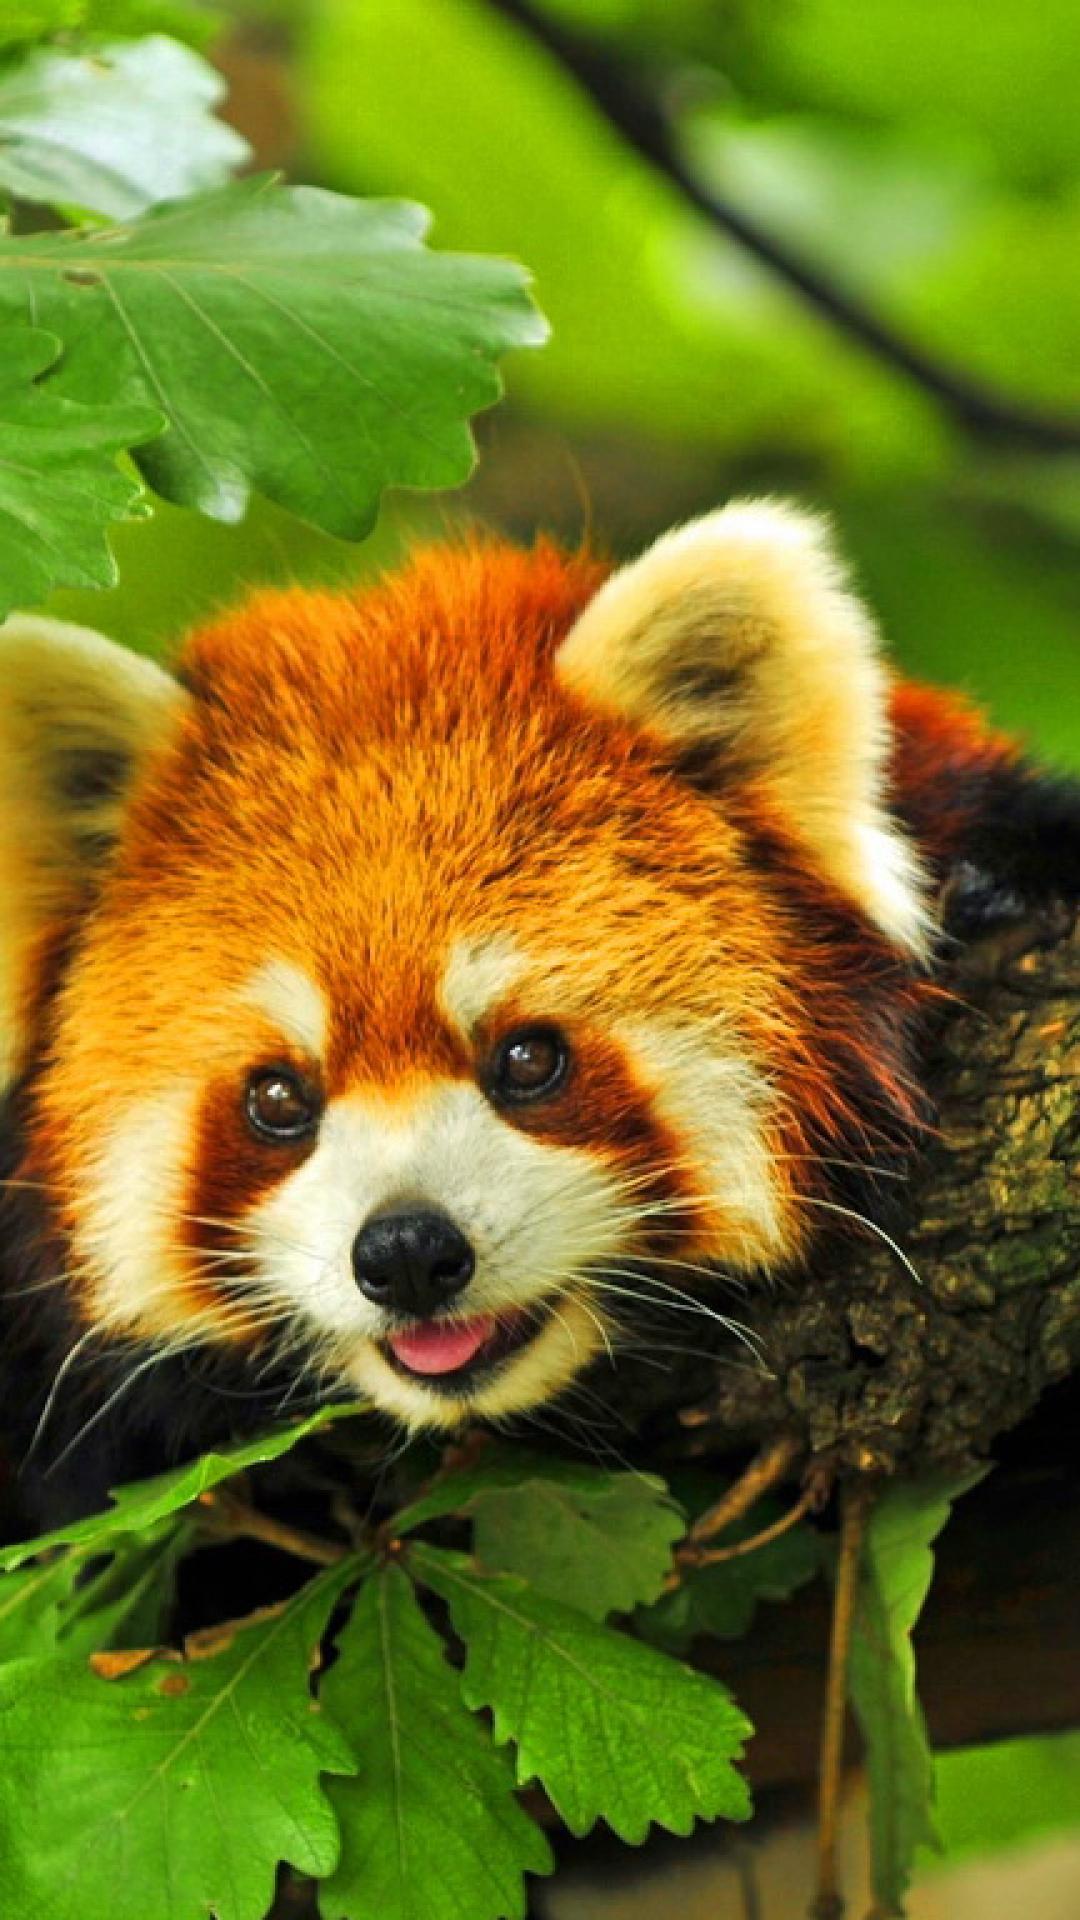 Cute Red Panda Wallpaper - WallpaperSafari